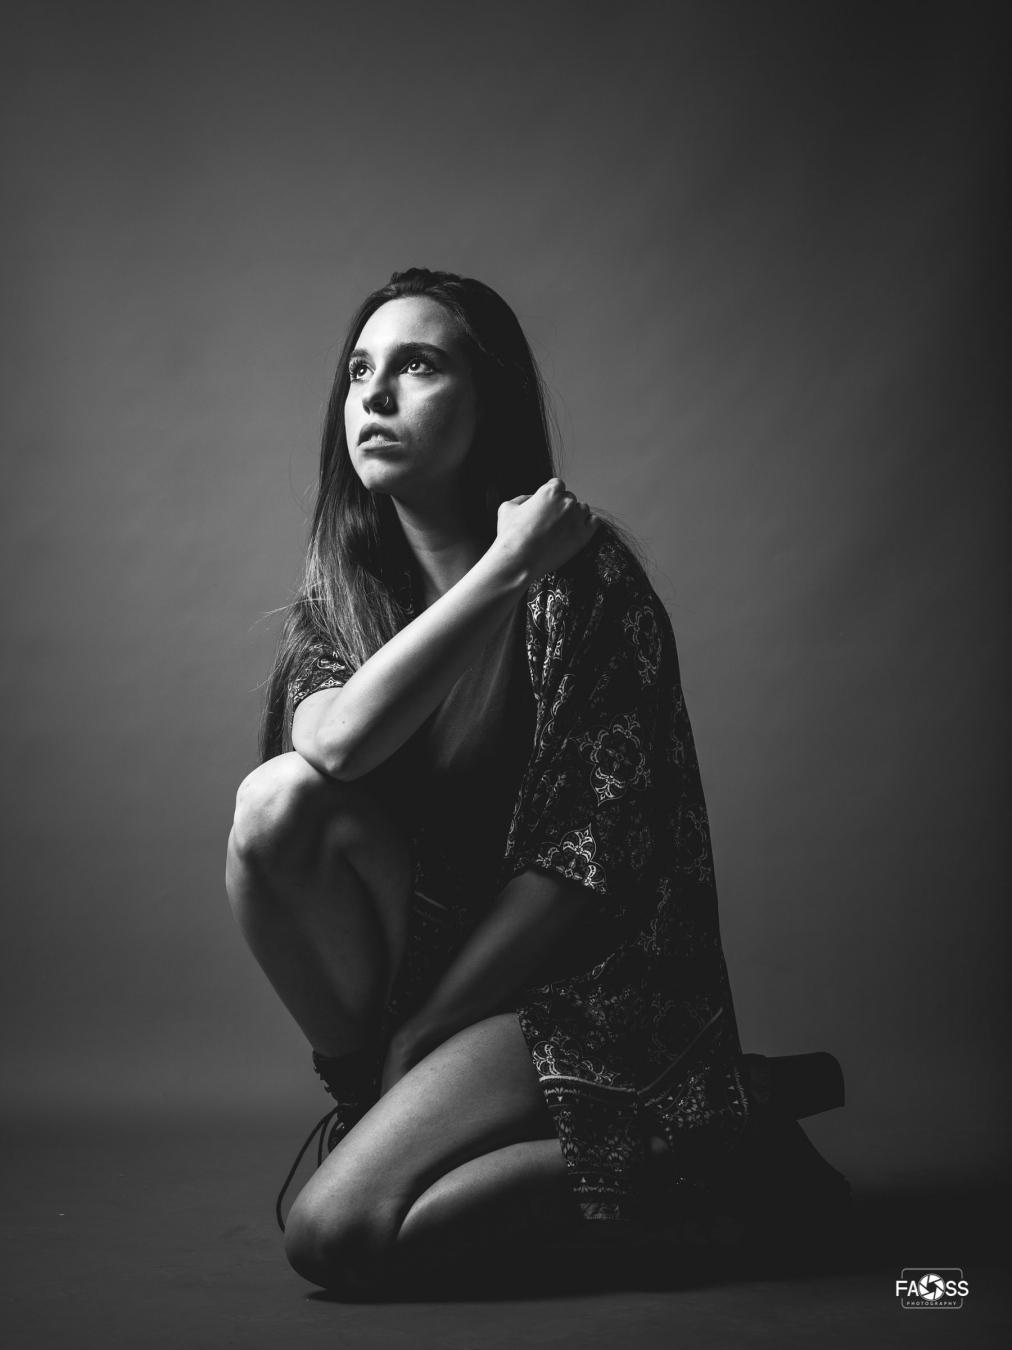 Andrea - Oscar, Faoss Fotografia